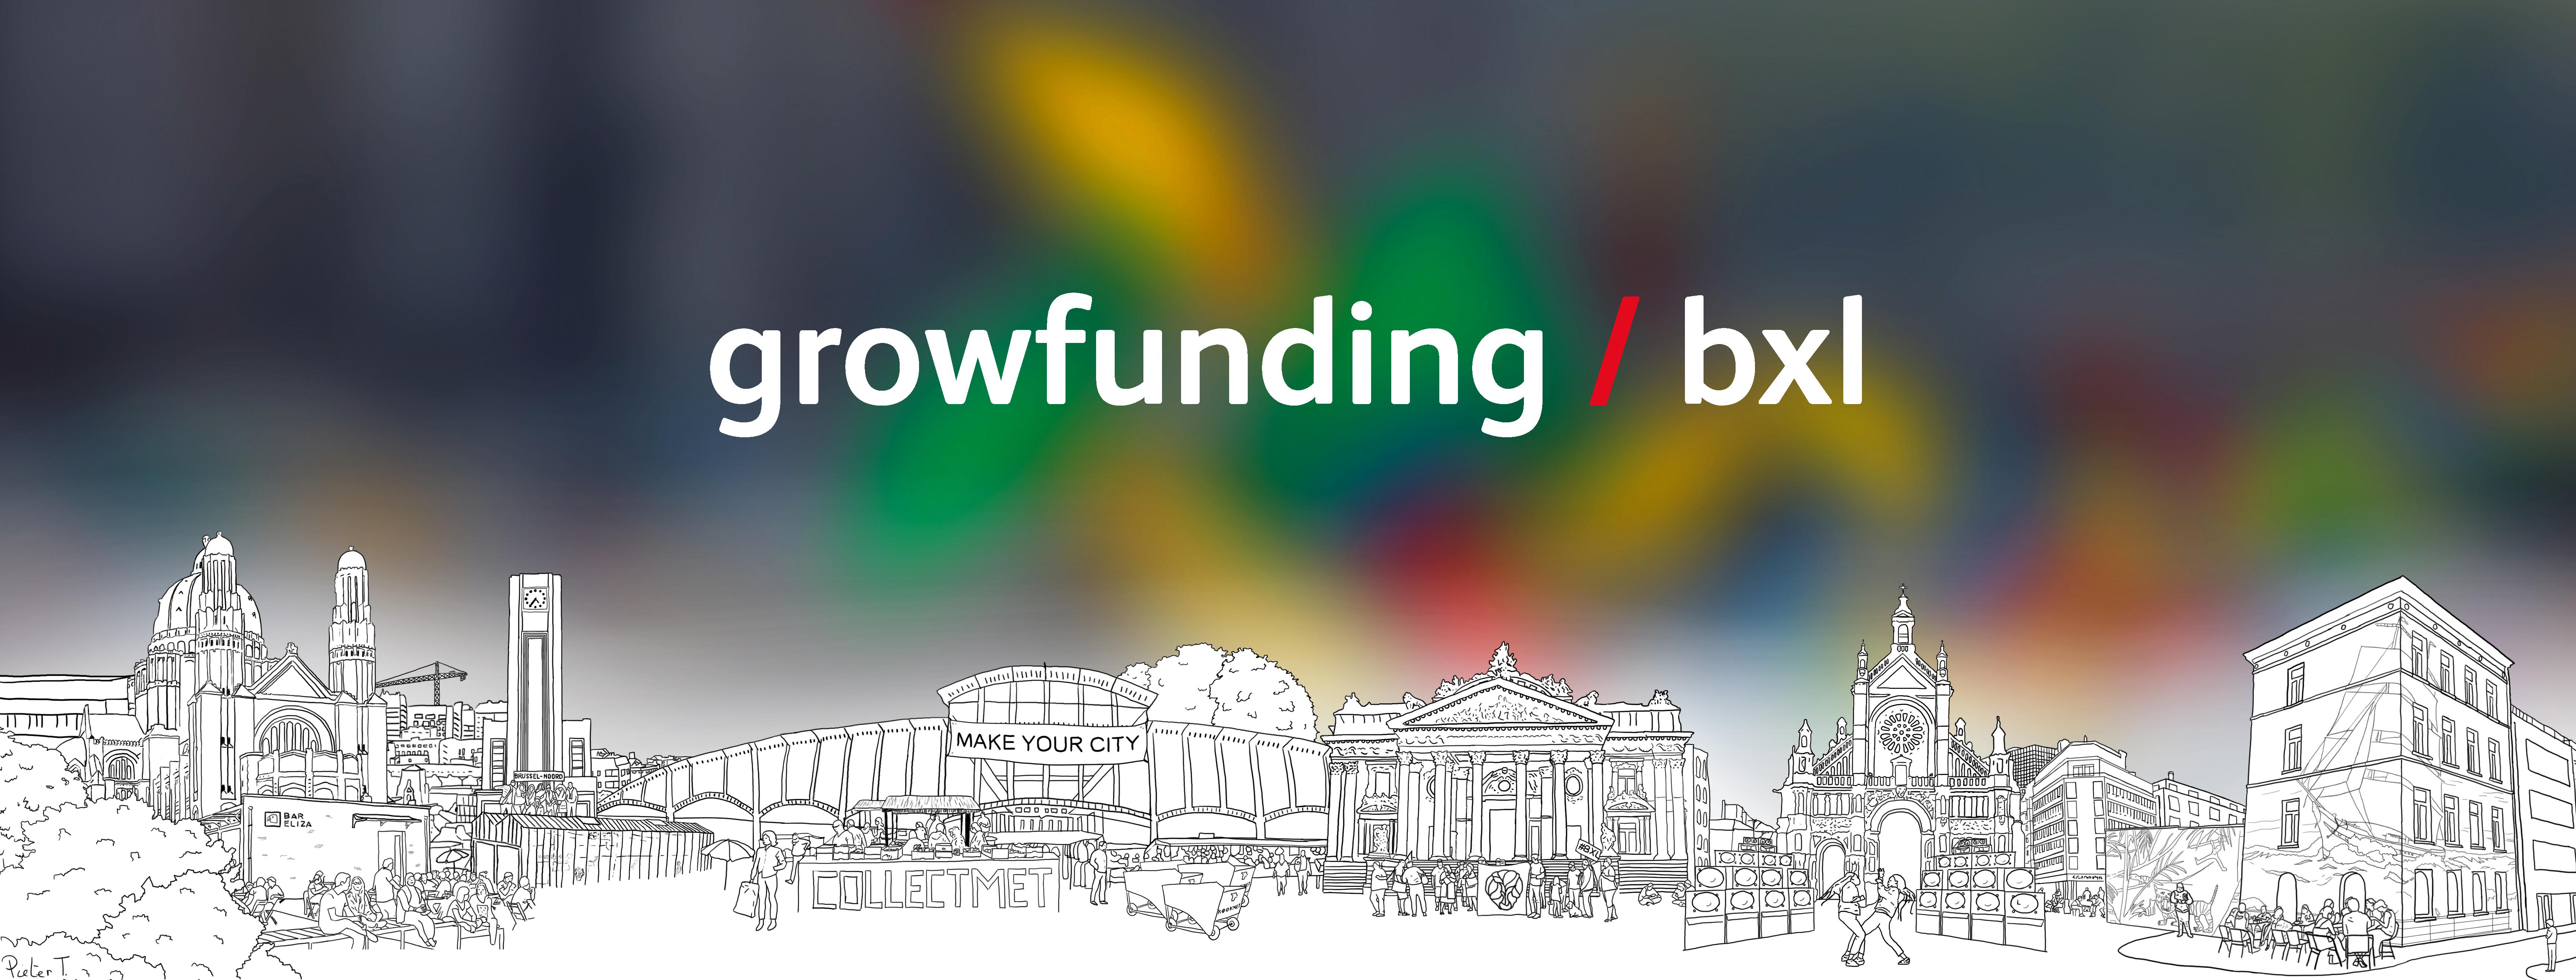 growfunding BXL